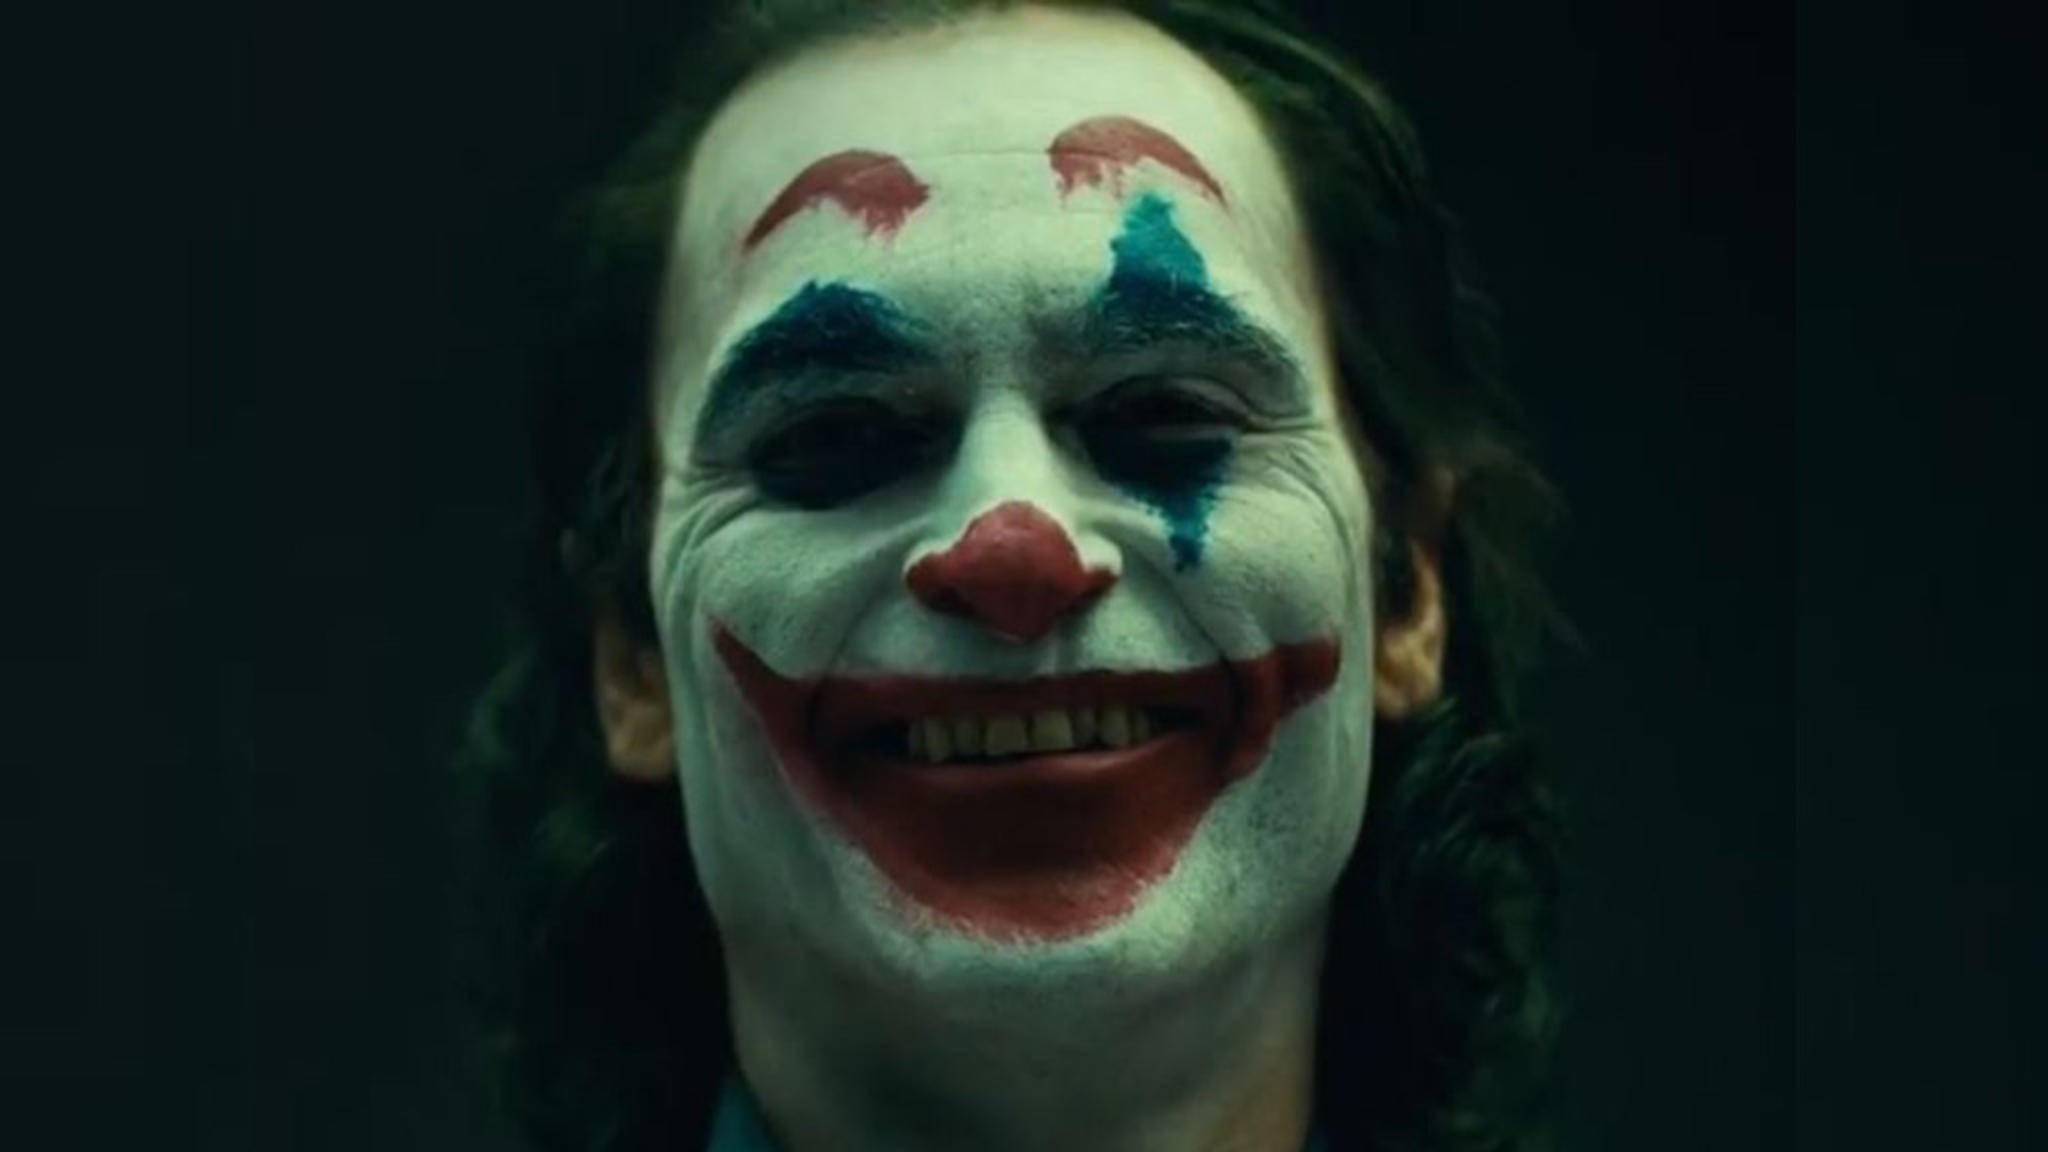 """""""Put on a happy face"""", lautet das vorläufige Motto des neuen Jokers ..."""